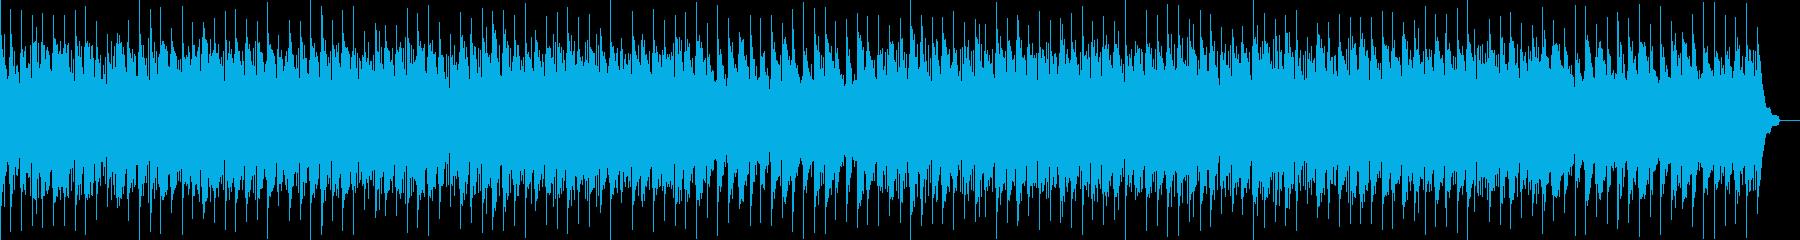 切ない雰囲気のアコギピアノセンチメンタルの再生済みの波形